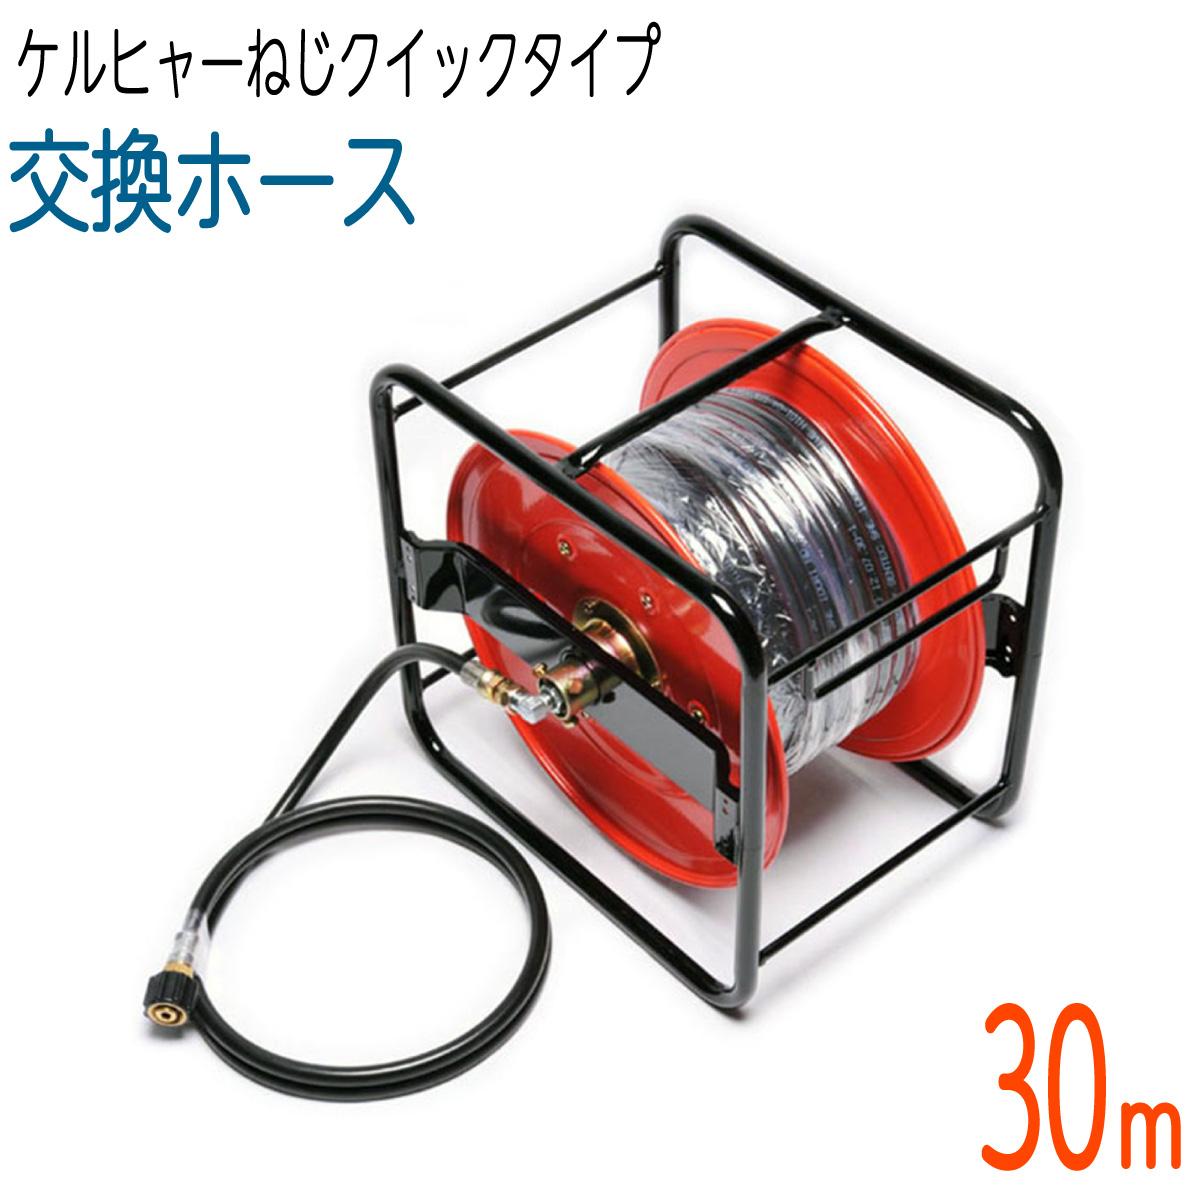 30Mリール巻き ケルヒャー 即納 互換 交換用 高圧洗浄機ホース コンパクトホース ガン側スイベル付き ねじクイックタイプ 全商品オープニング価格